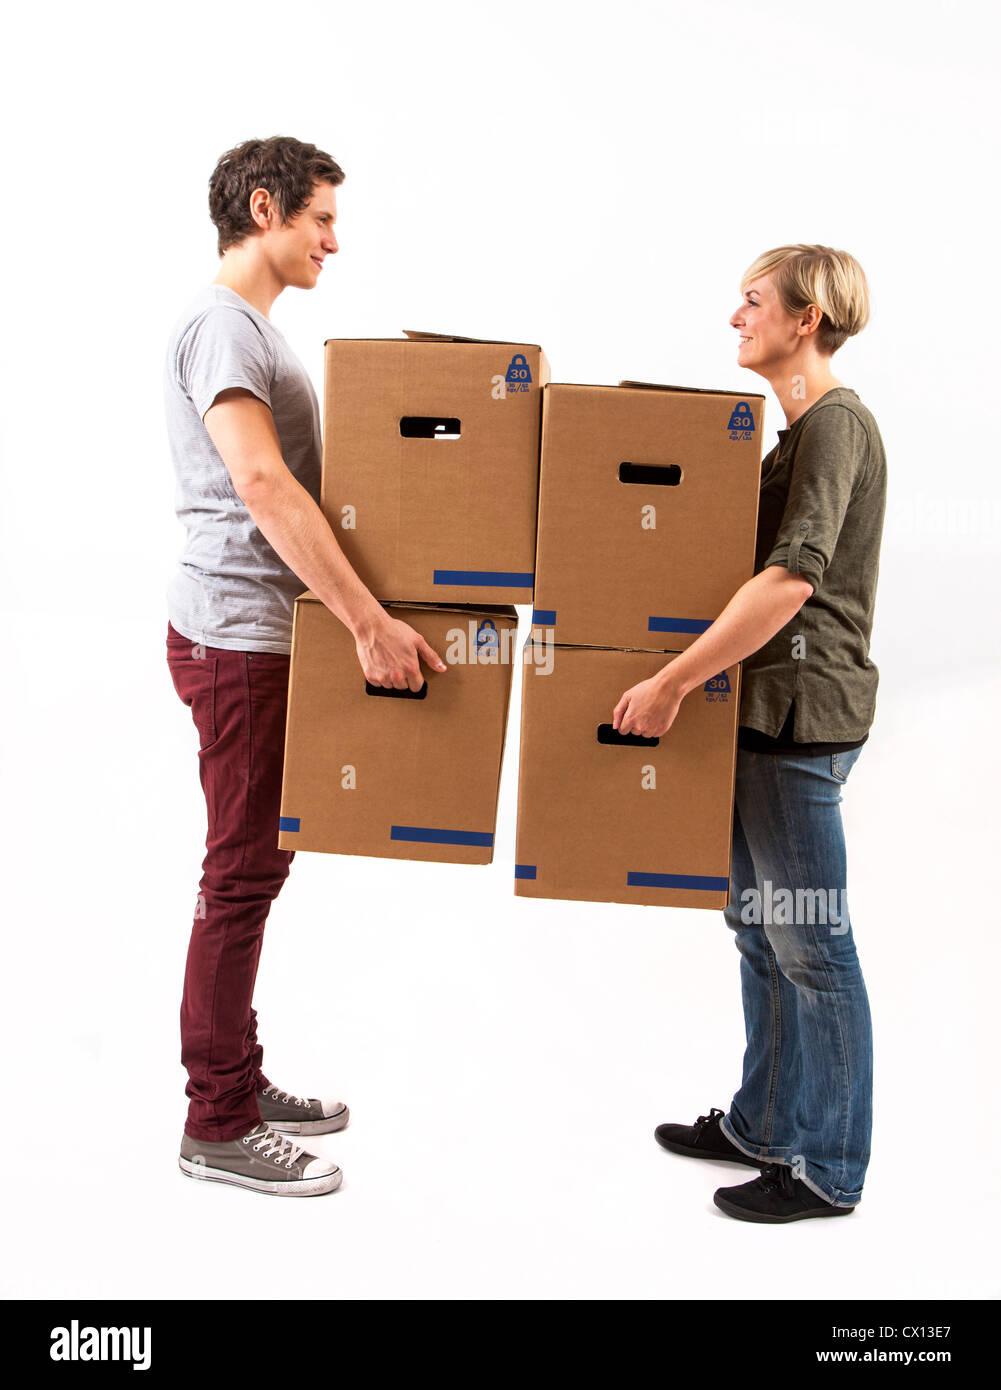 Symbolfoto Umzug, Auszug, umziehen. Junges Paar trägt Umzugskartons. Umzugskisten Pappkarton aus. Foto Stock